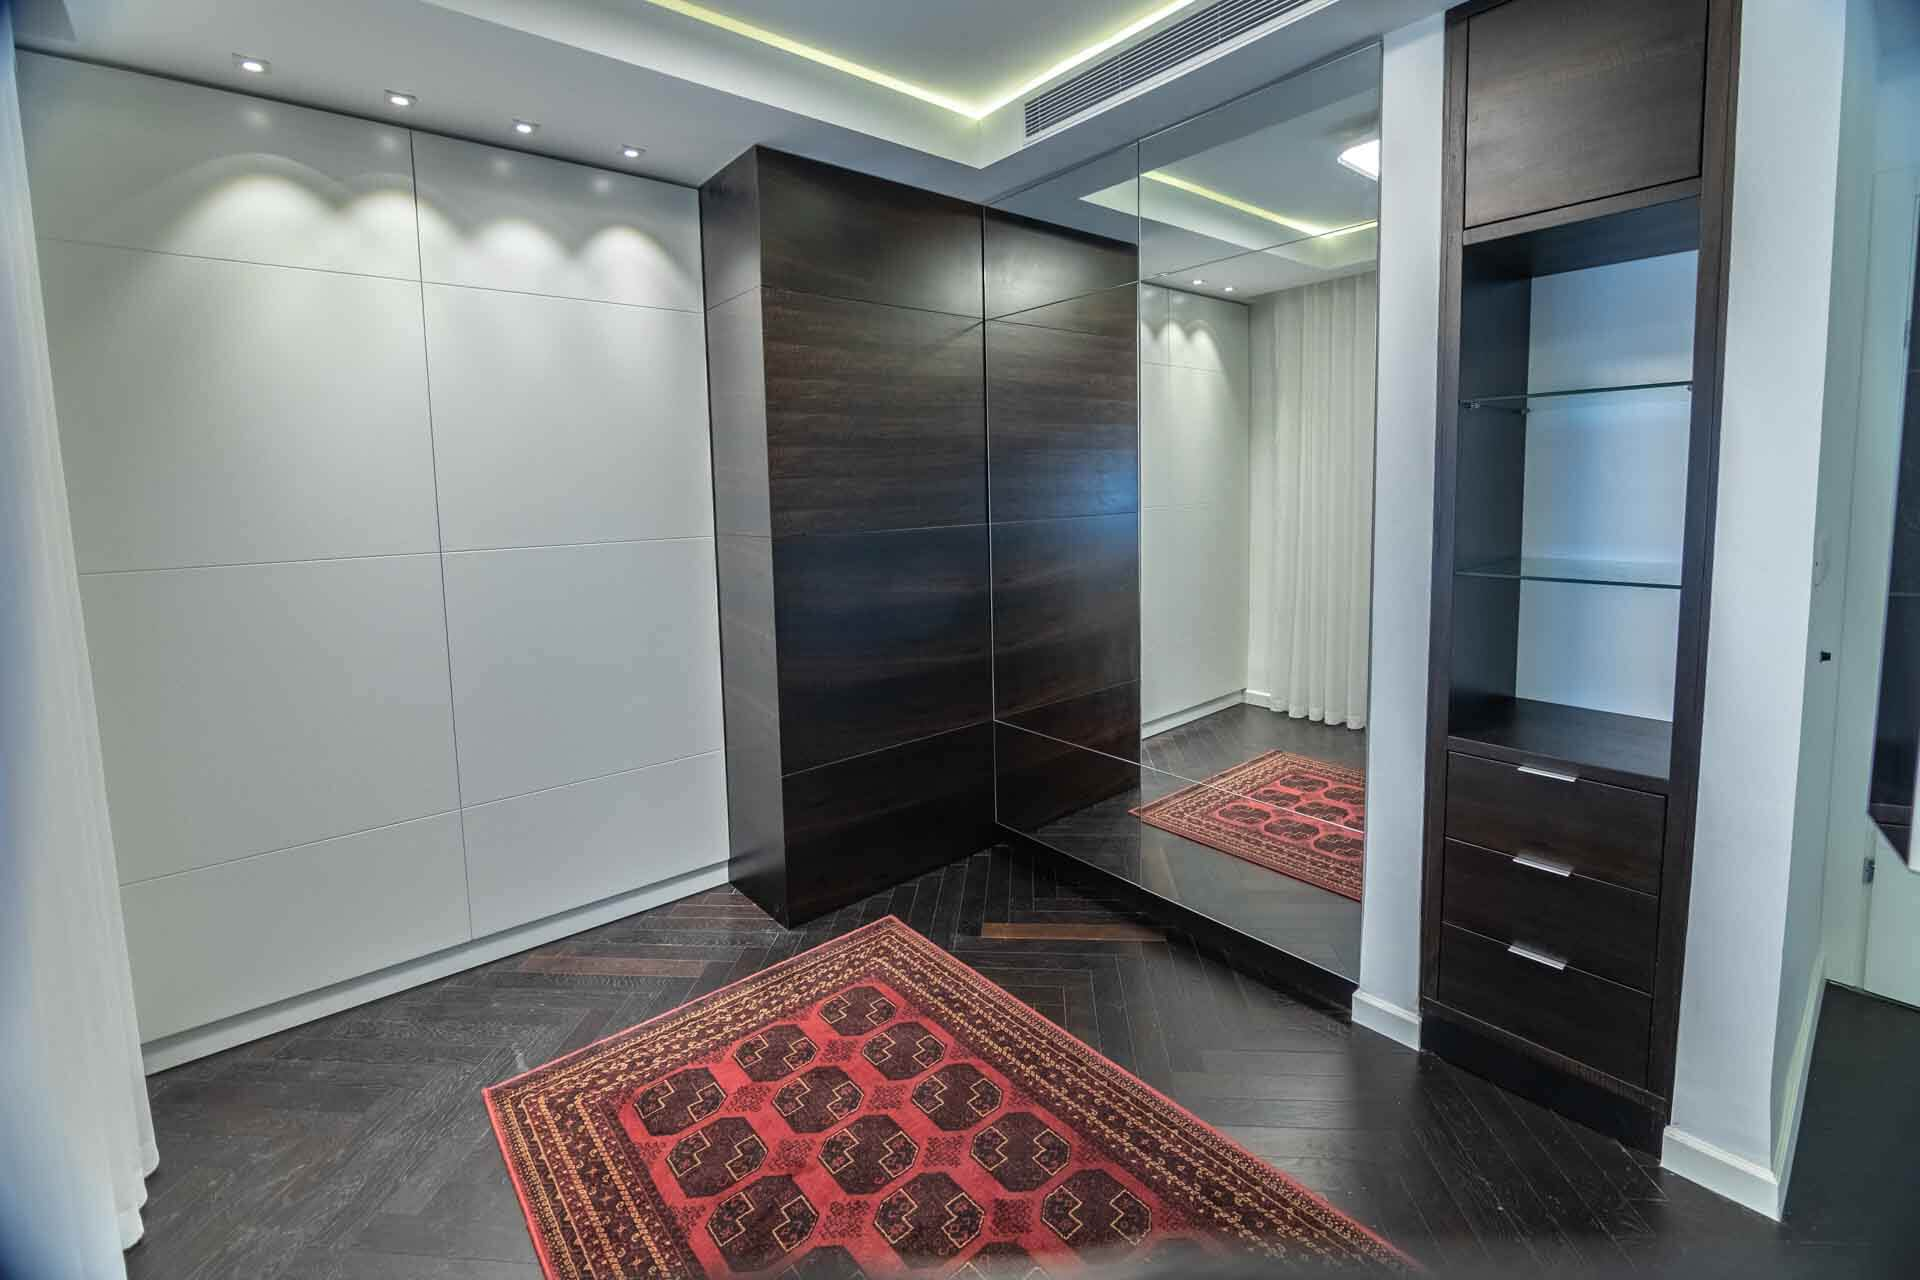 זינגר נגרים - ריהוט דירה, חיפוי קיר, ספריה, עיצוב אדריכלי